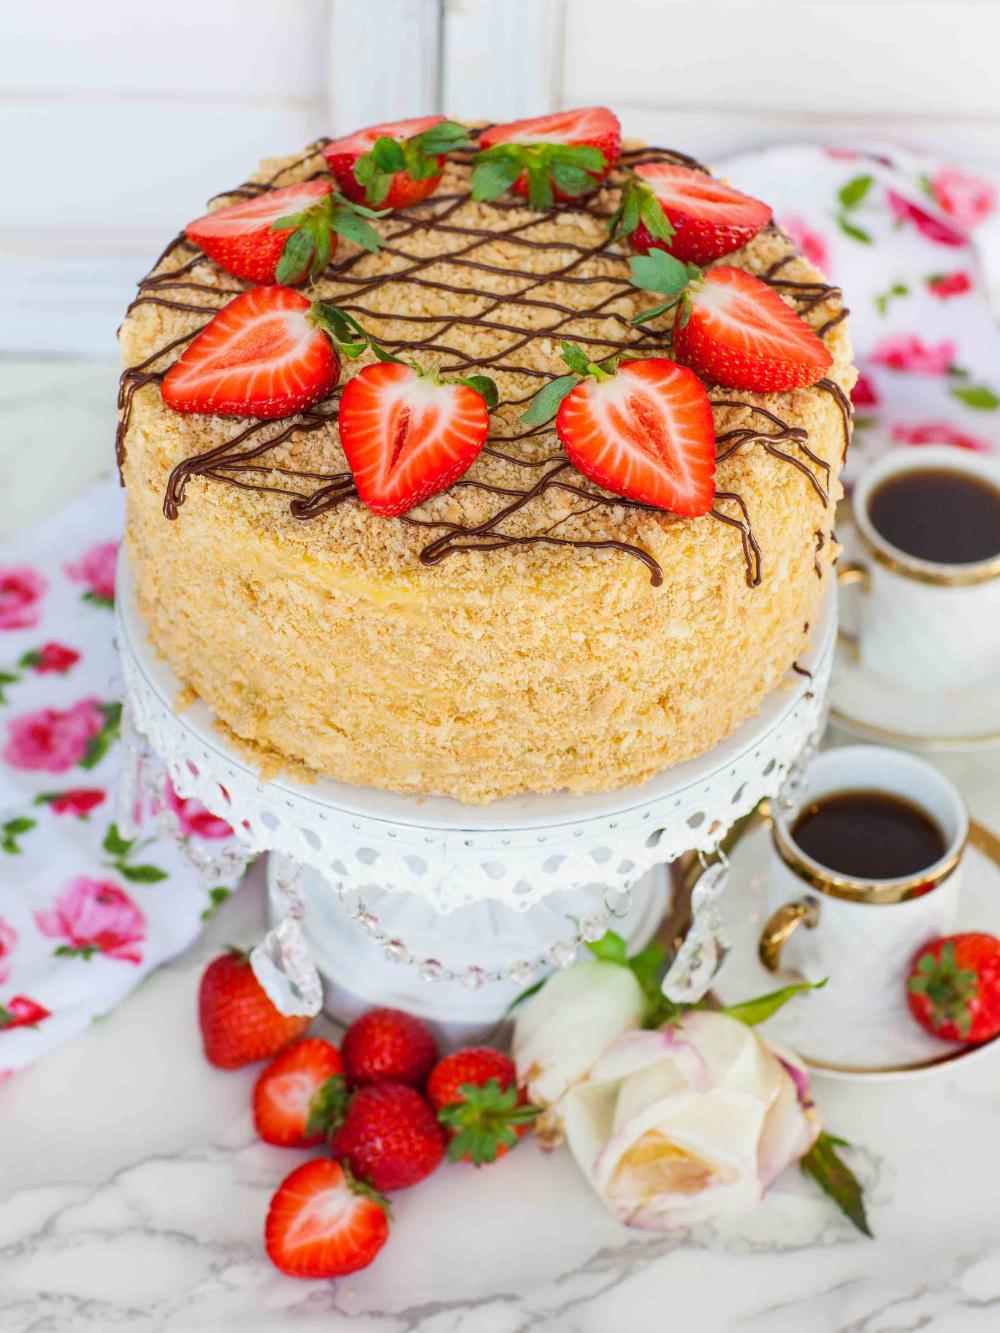 Torte Napoleon #napoleonkuchenrussisch Torte Napoleon - Tatyanas Everyday Food #napoleonkuchenrussisch